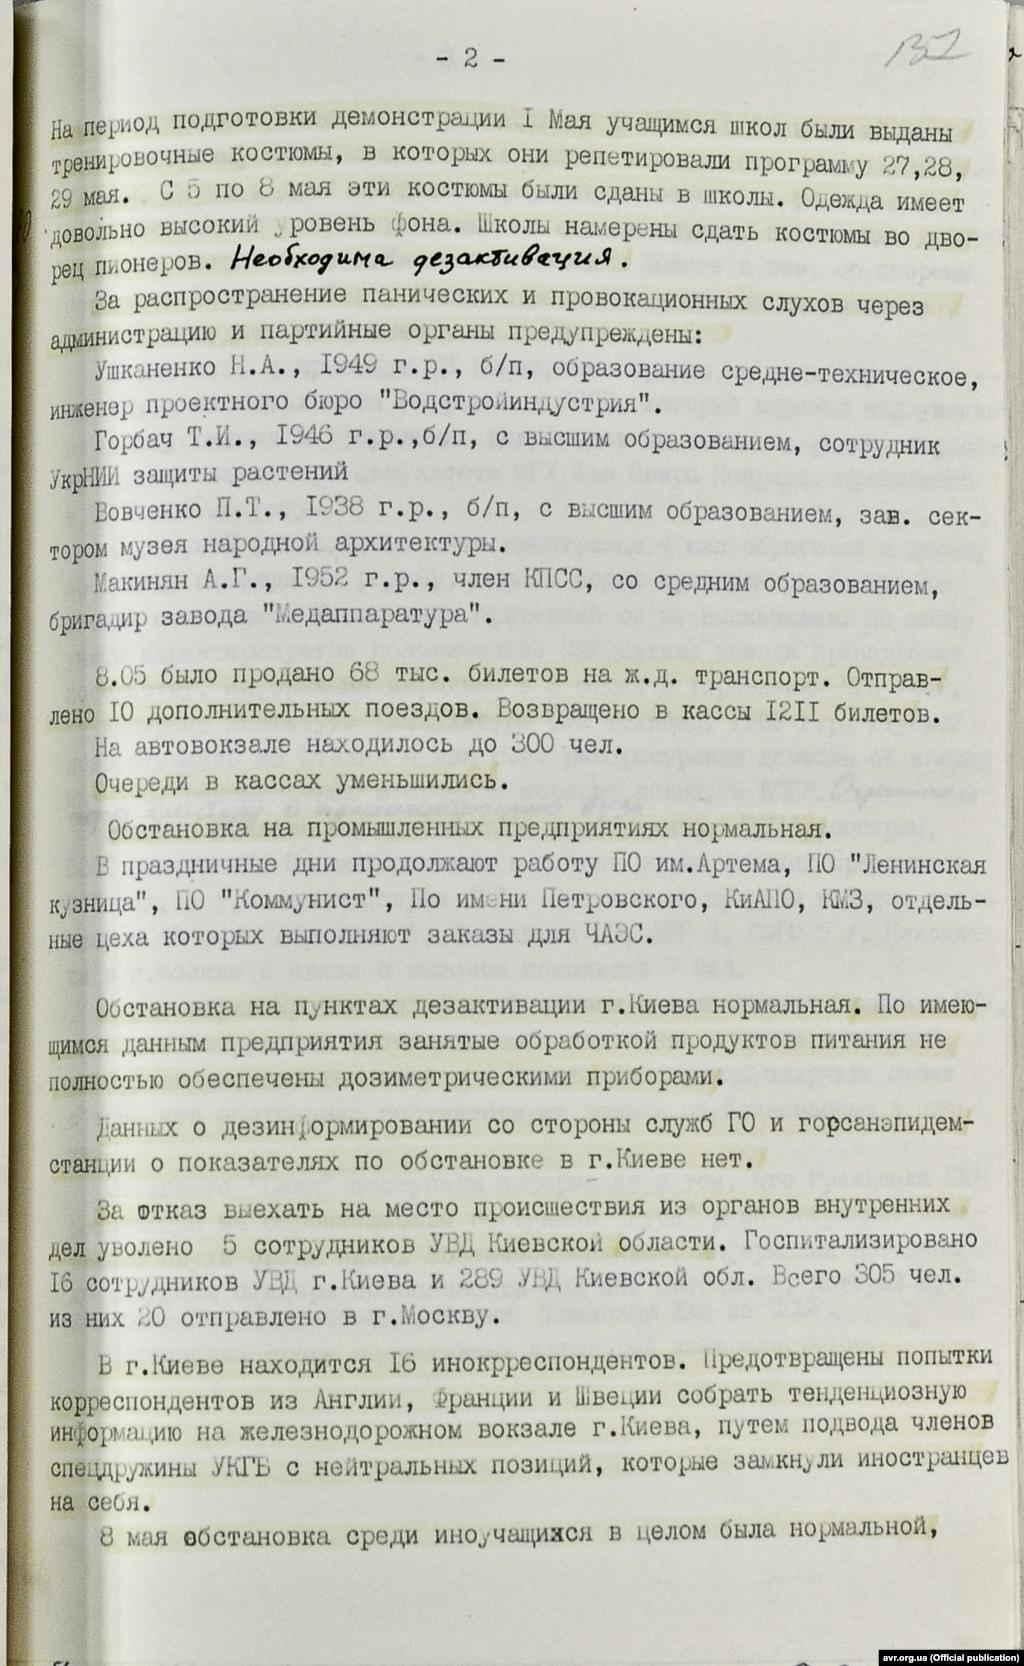 Довідка про інформацію з місць евакуації (стор. 2)